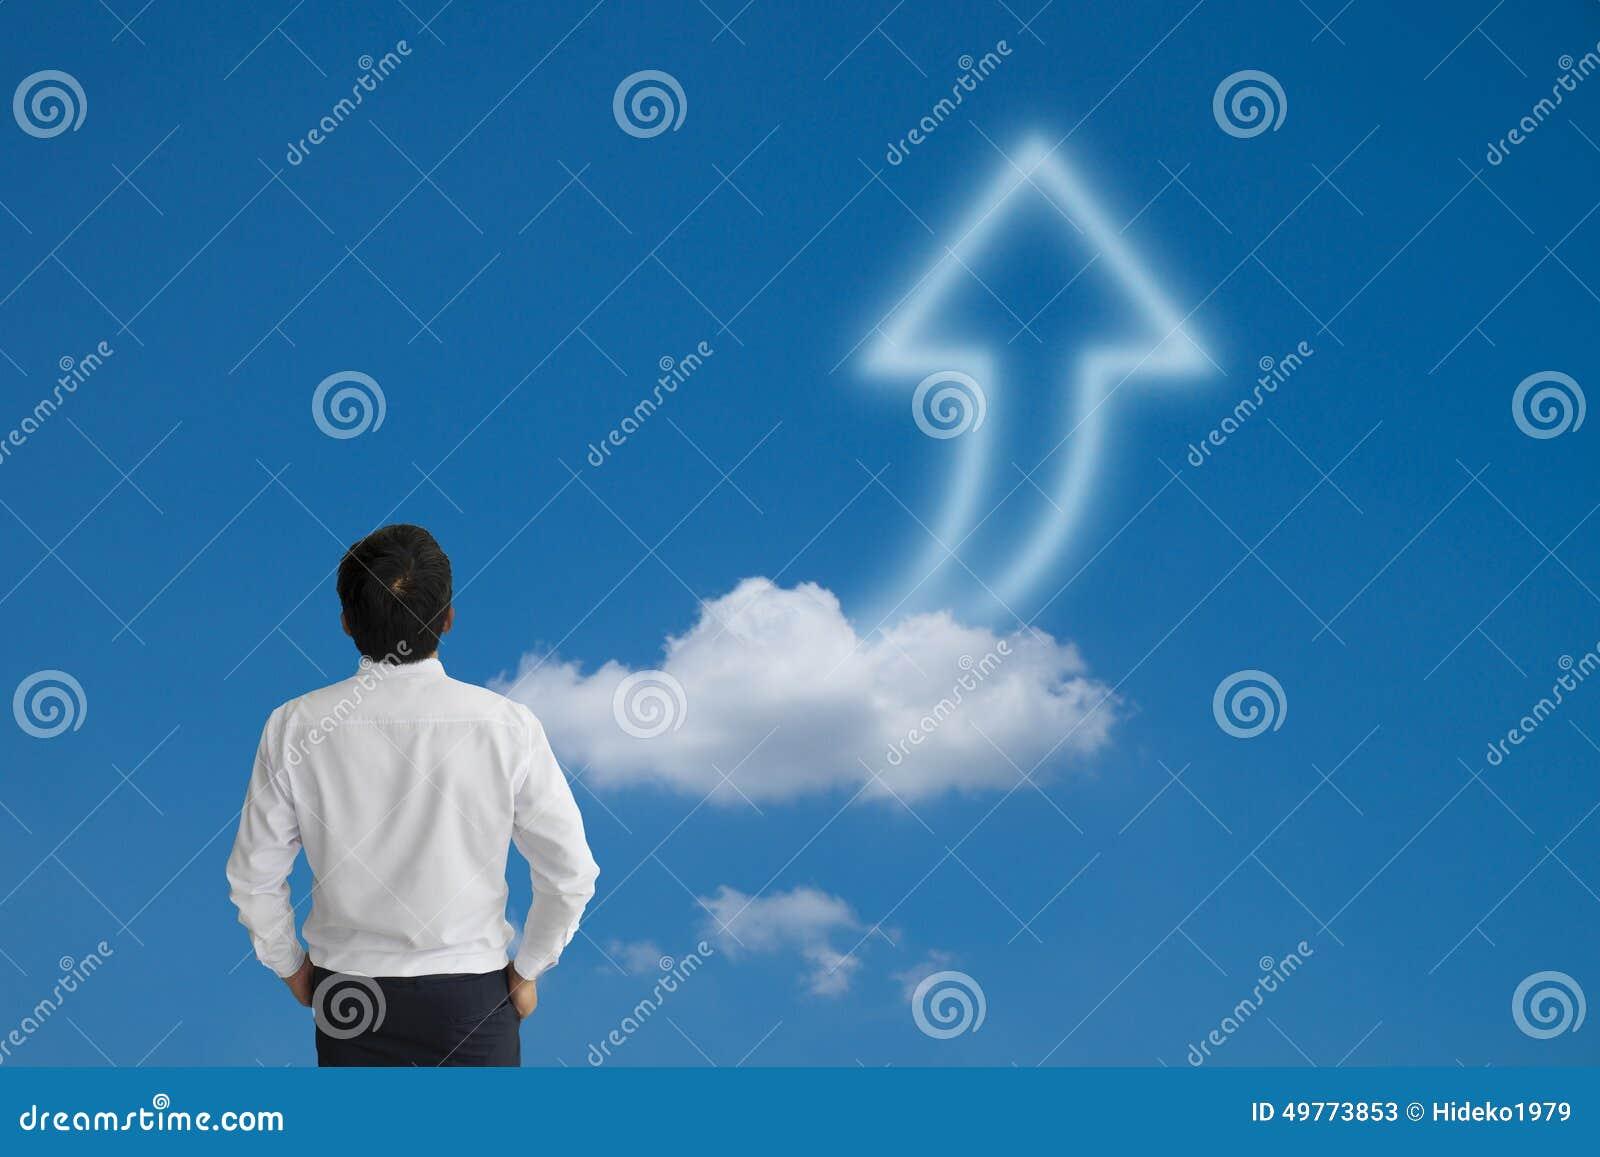 Επιχειρησιακό άτομο που κοιτάζει σκόπιμα μακριά με το σύννεφο και το μπλε βελών